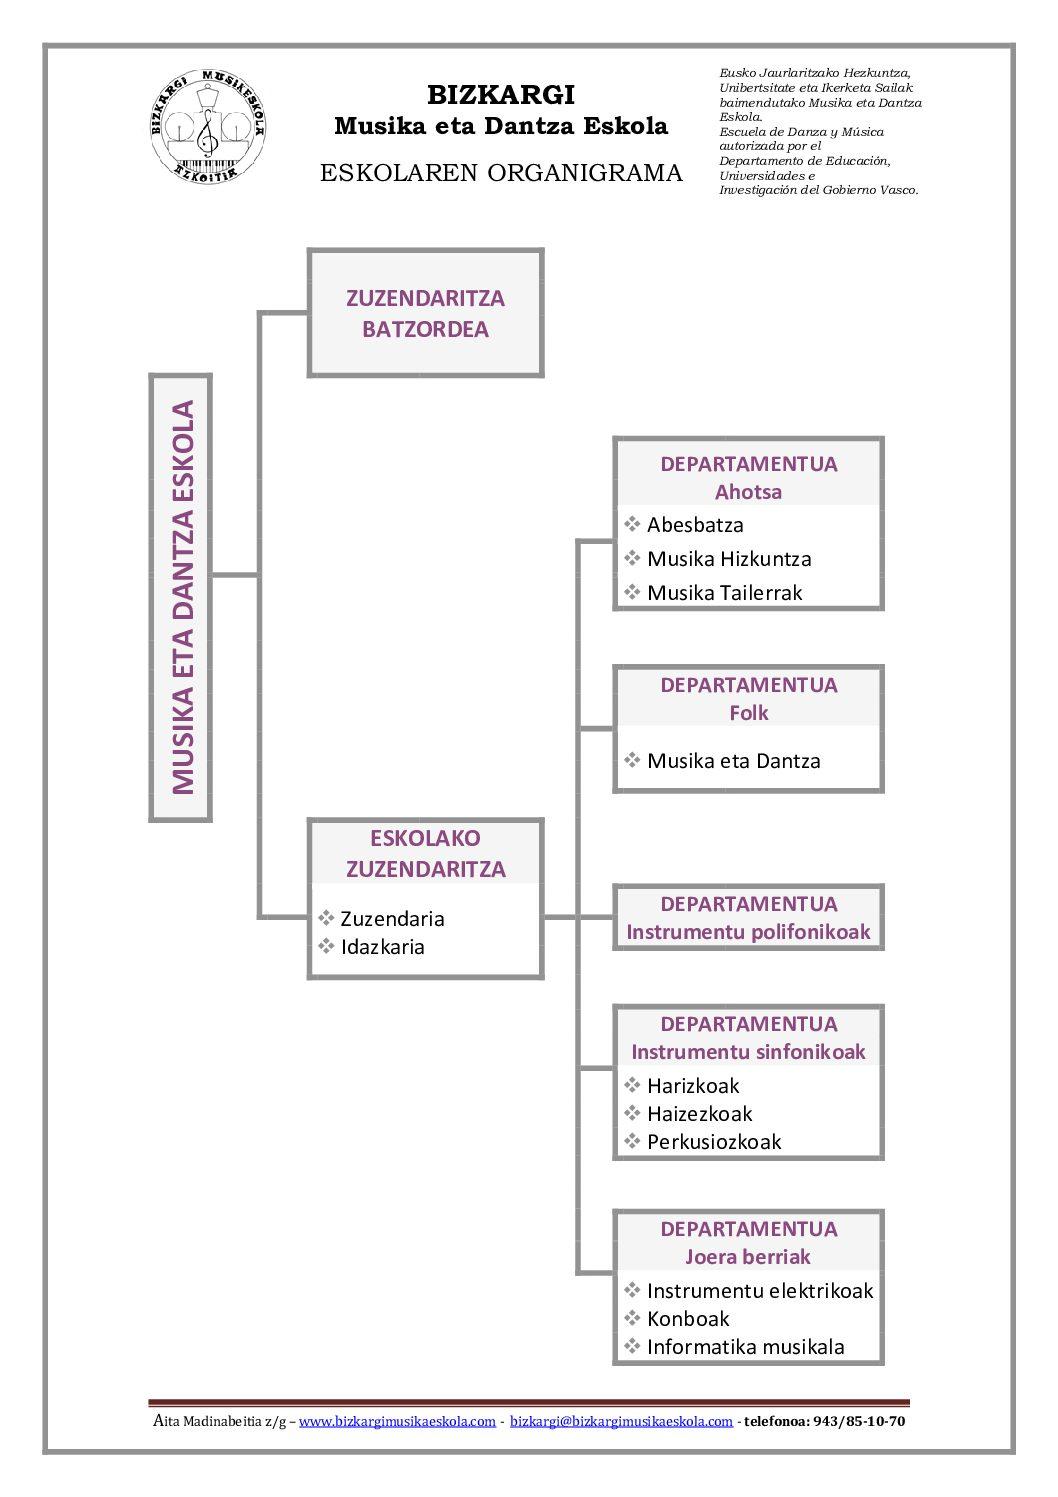 Eskolaren--ORGANIGRAMA